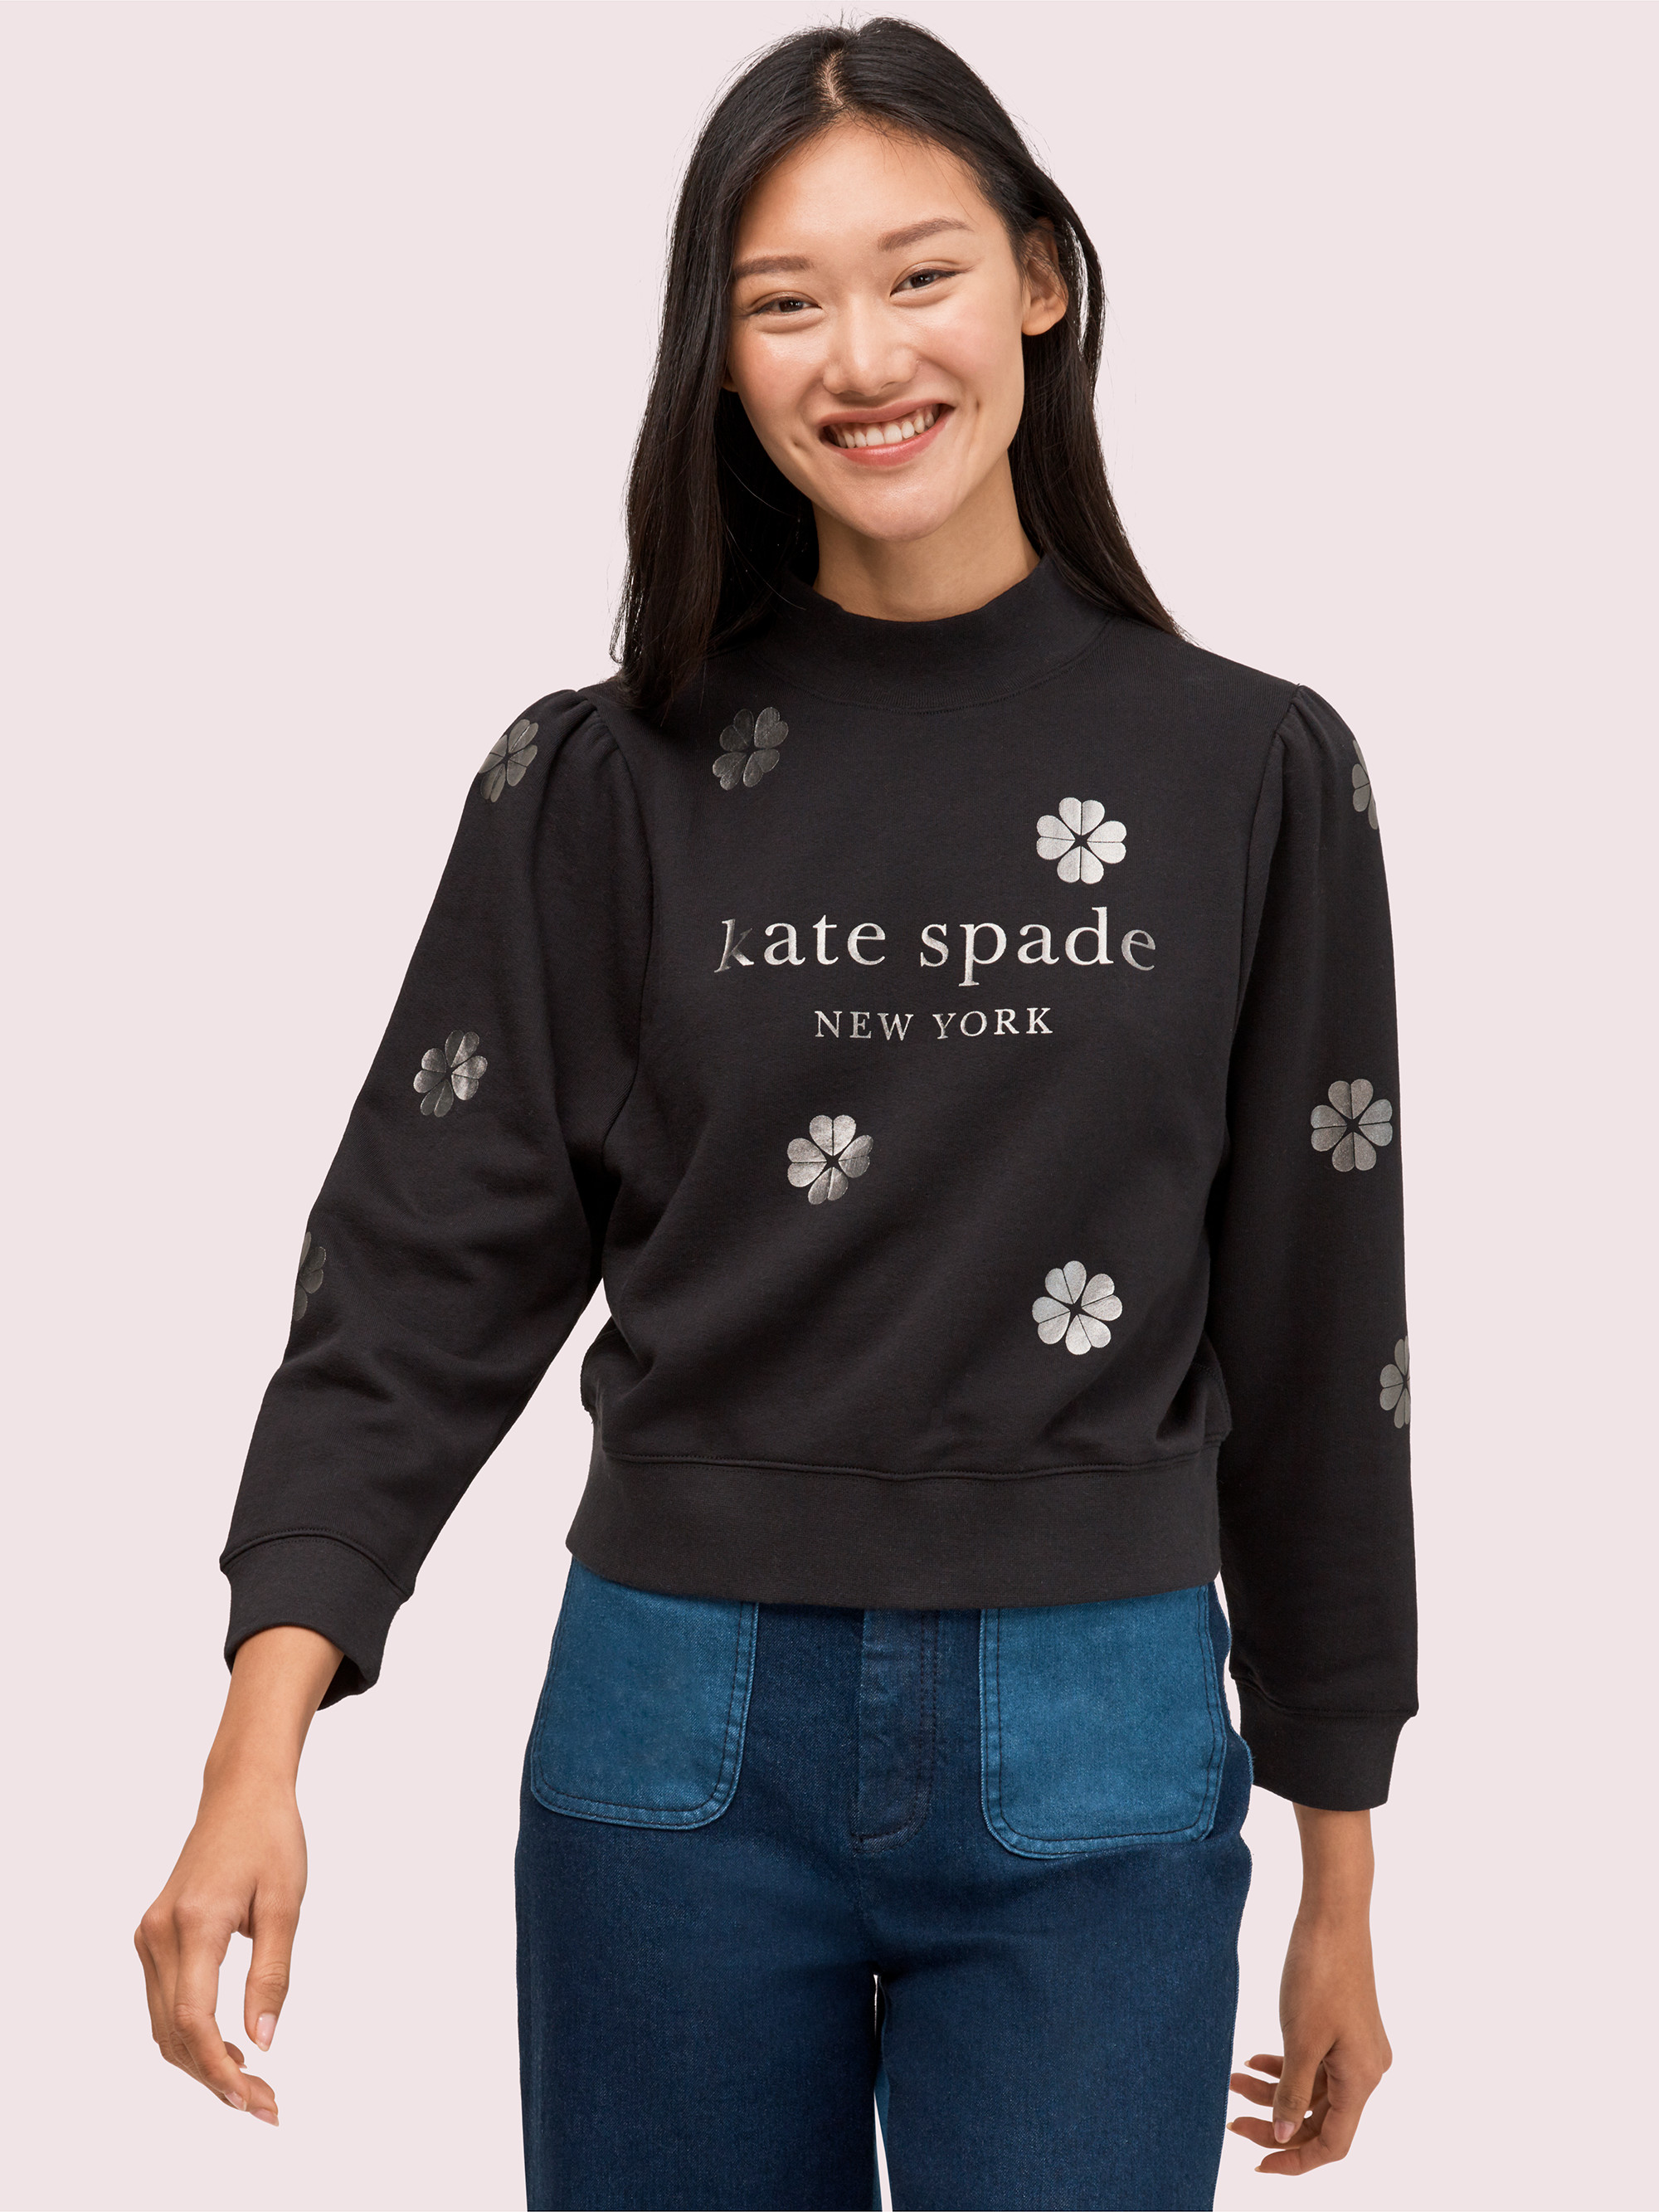 Spade Clover Toss Pullover